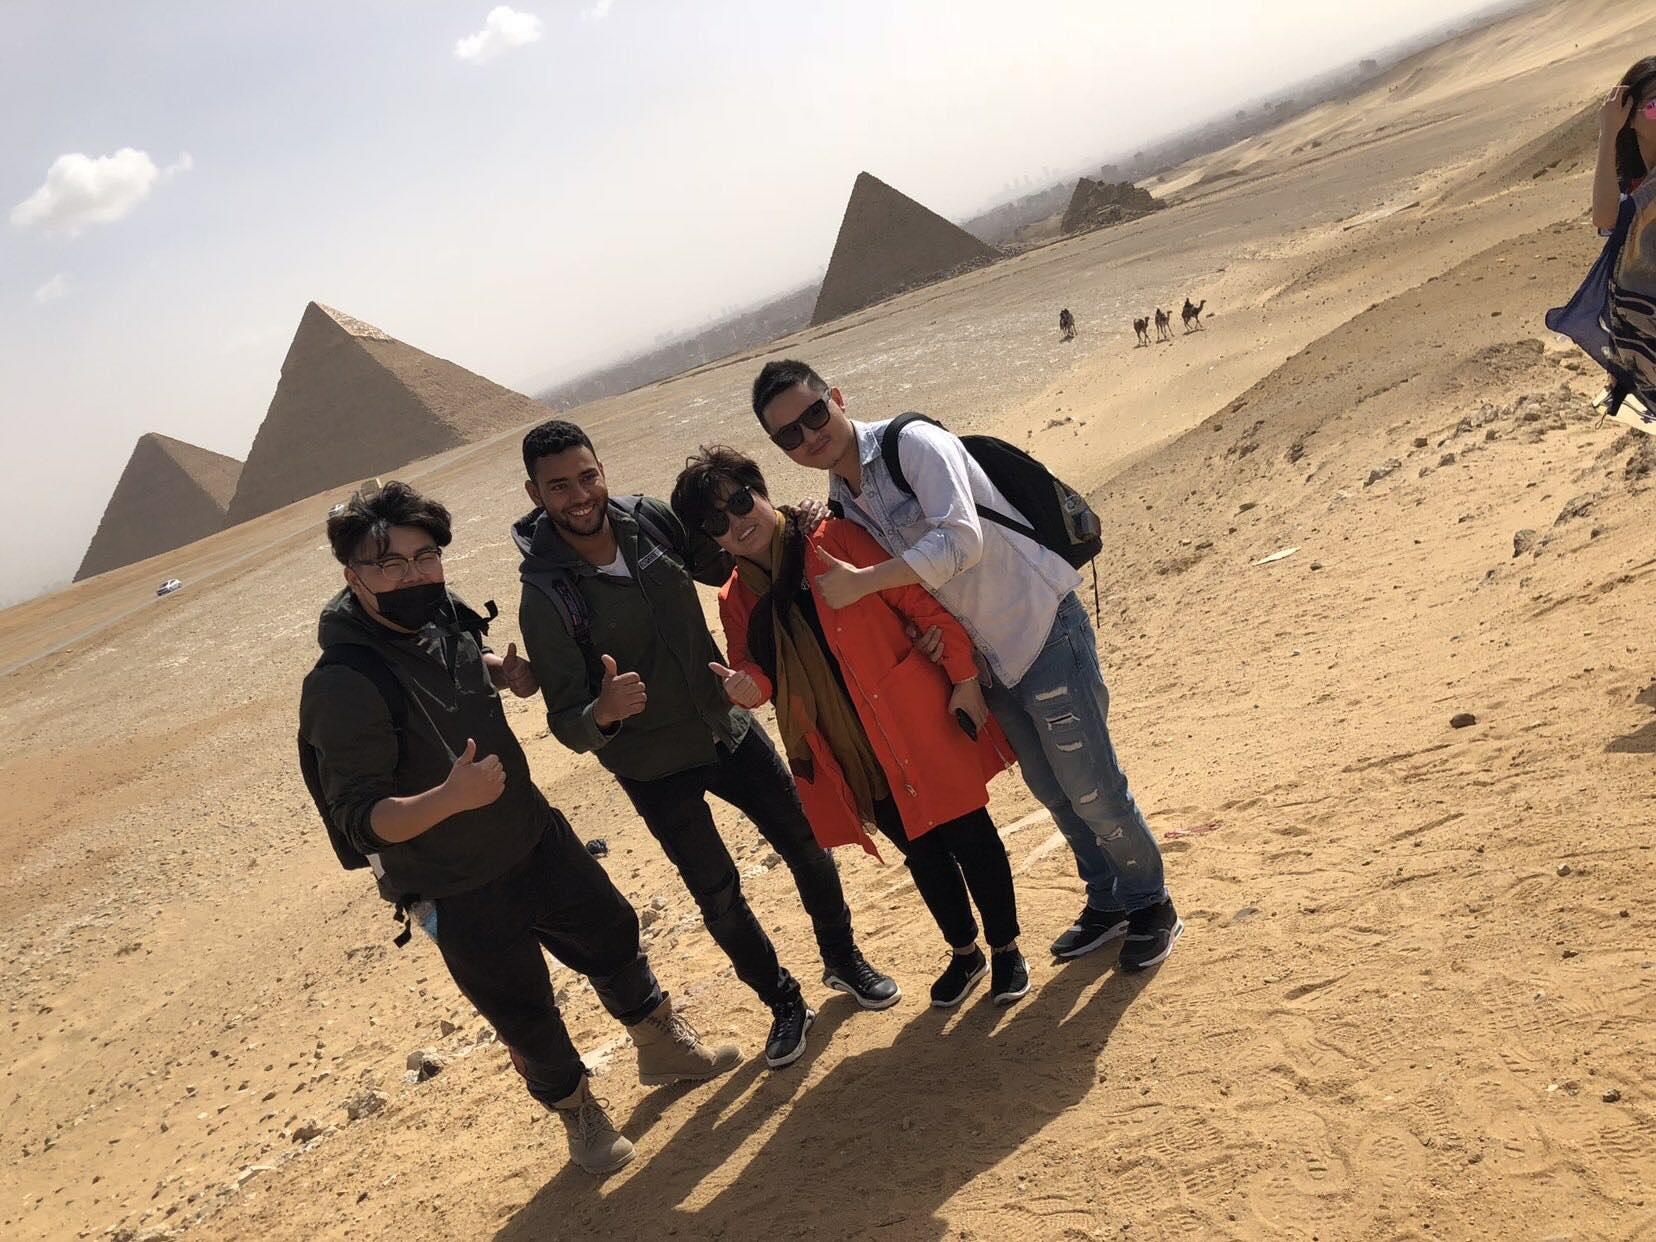 【世邦美住】年度风云人物出国游——埃及、迪拜之旅